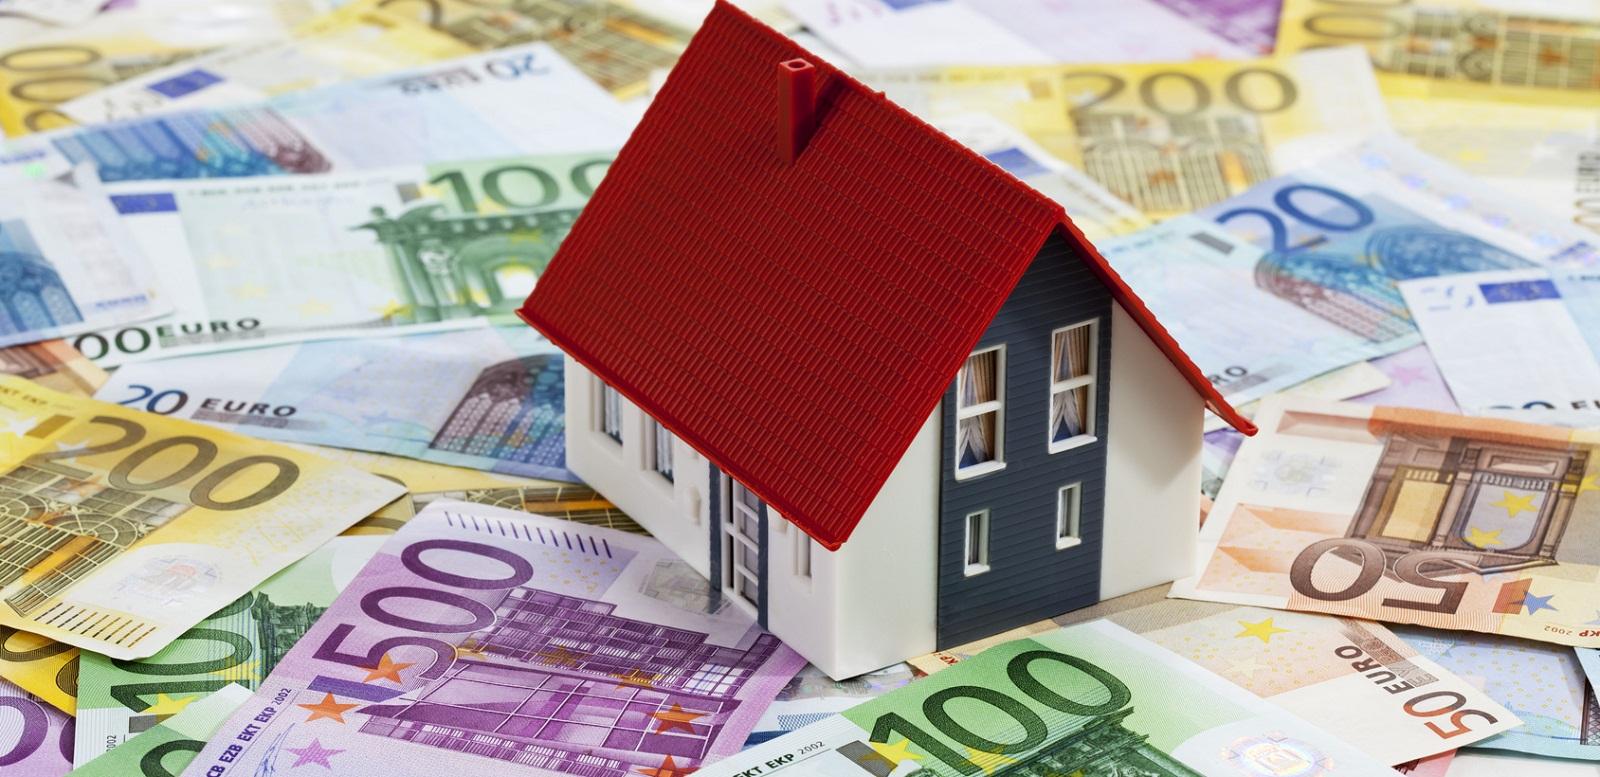 Prêt immobilier : comment l'obtenir plus facilement ?